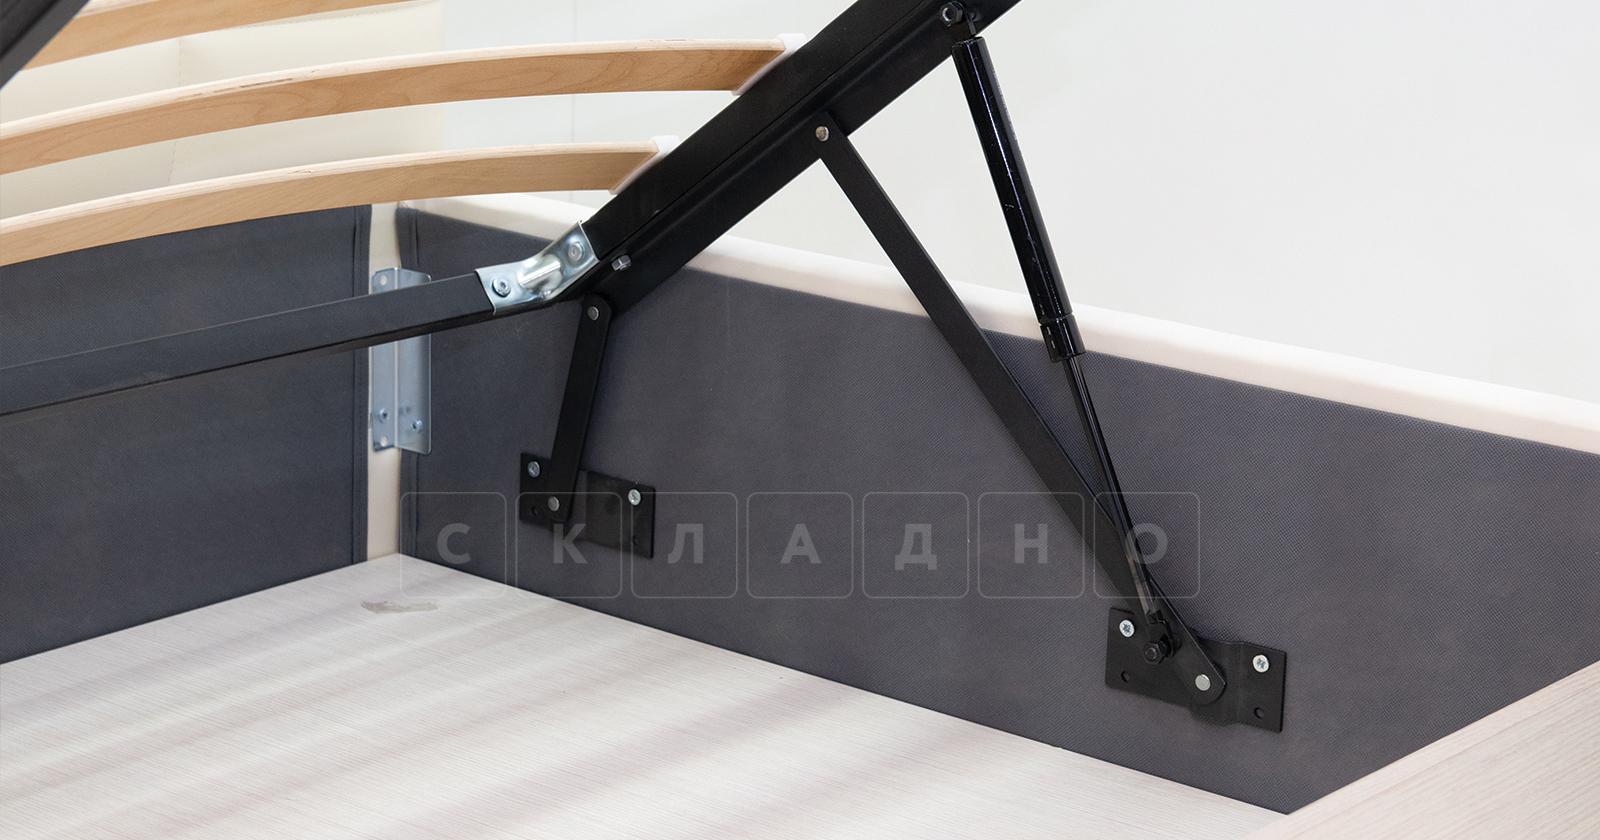 Мягкая кровать Хлоя 160 см шоколад с подъемным механизмом фото 6 | интернет-магазин Складно